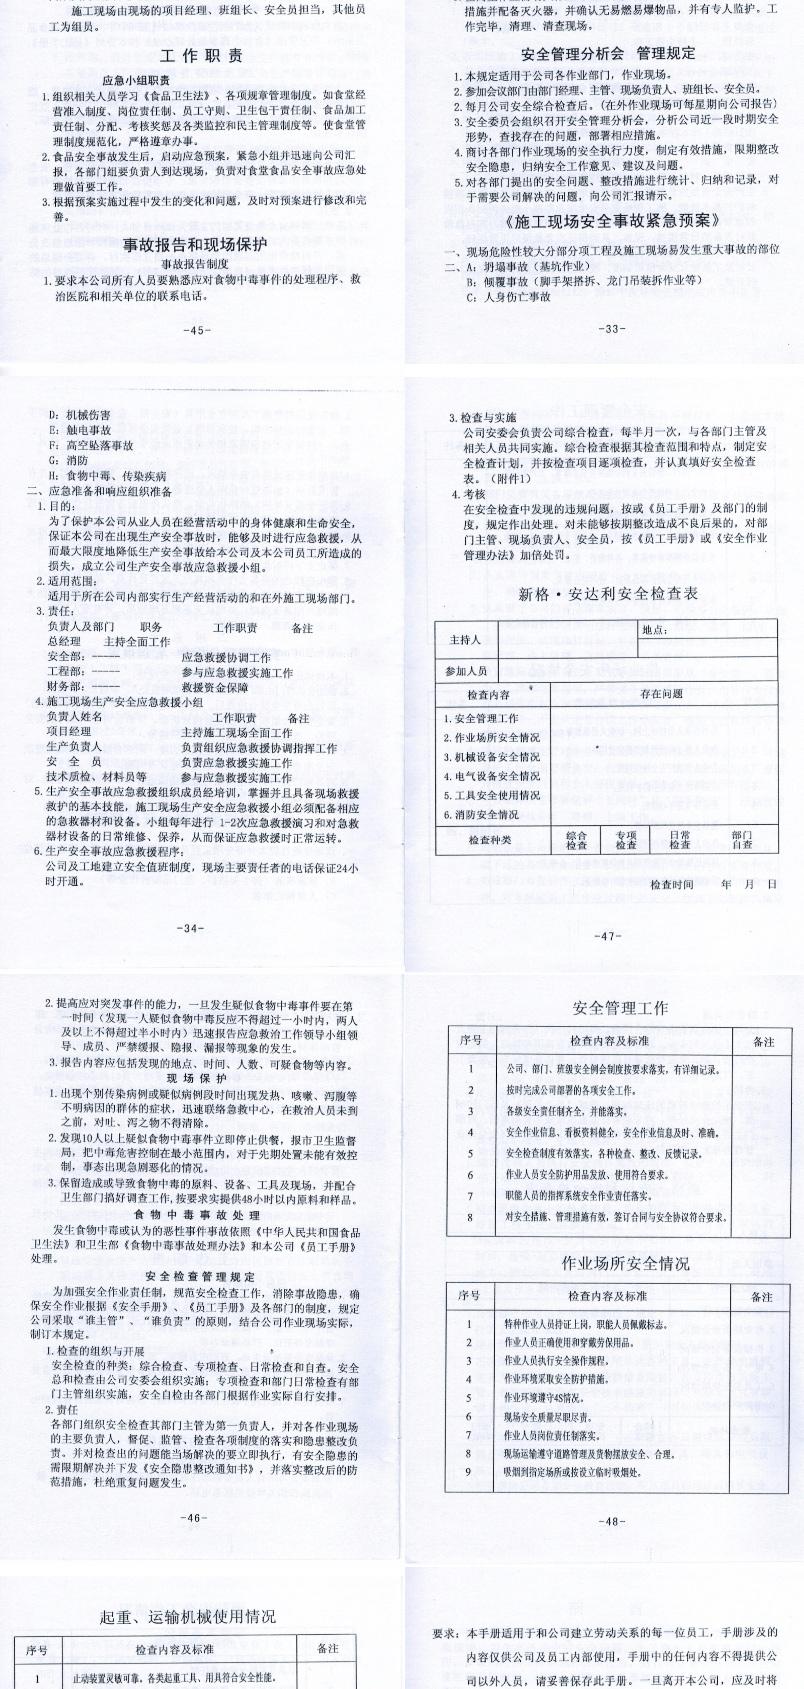 安全手册-安达利机电bob手机工程有限公司_09.jpg